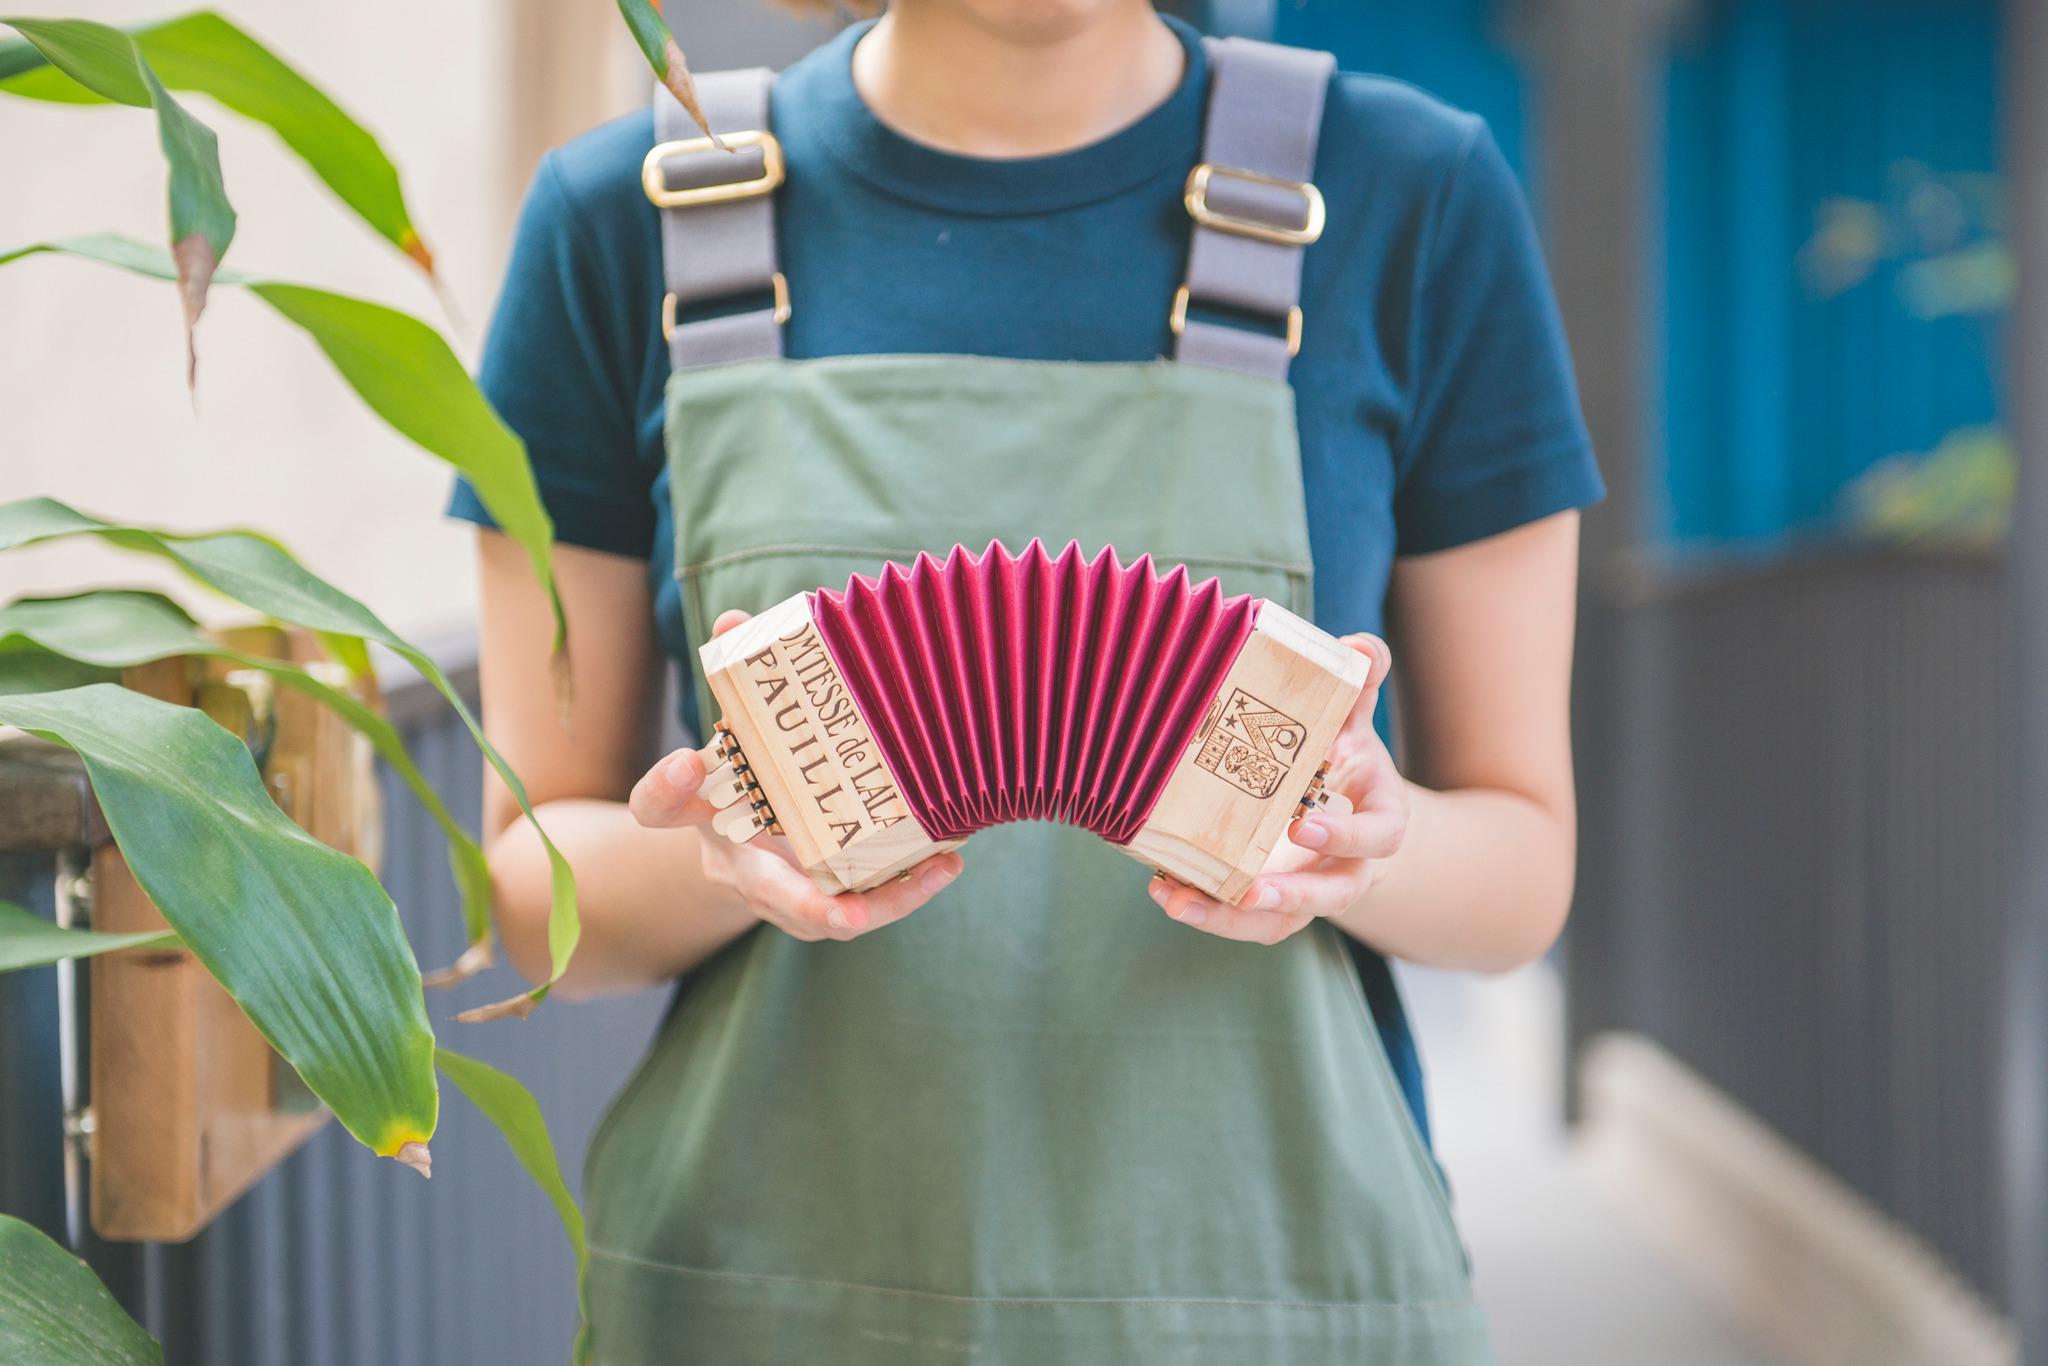 2021情人節 情人節工作坊 workshop 體驗活動 情侶活動 手工 木工 手風琴